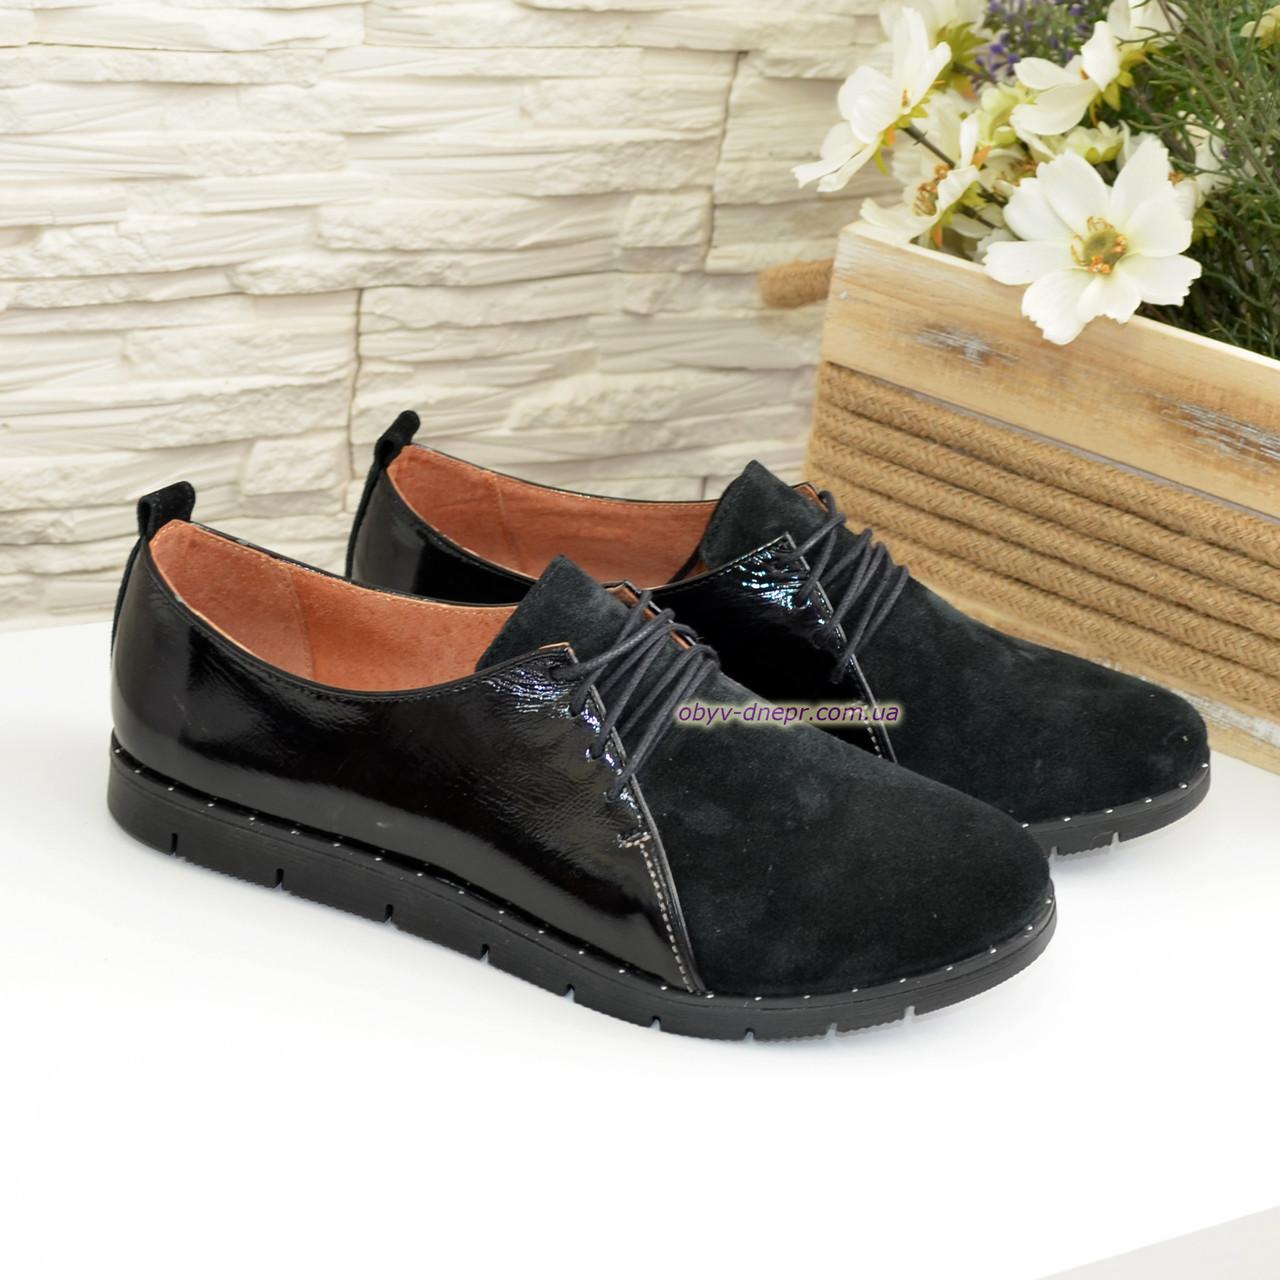 Туфли женские комбинированные из натуральной замши и лаковой кожи, на шнурках